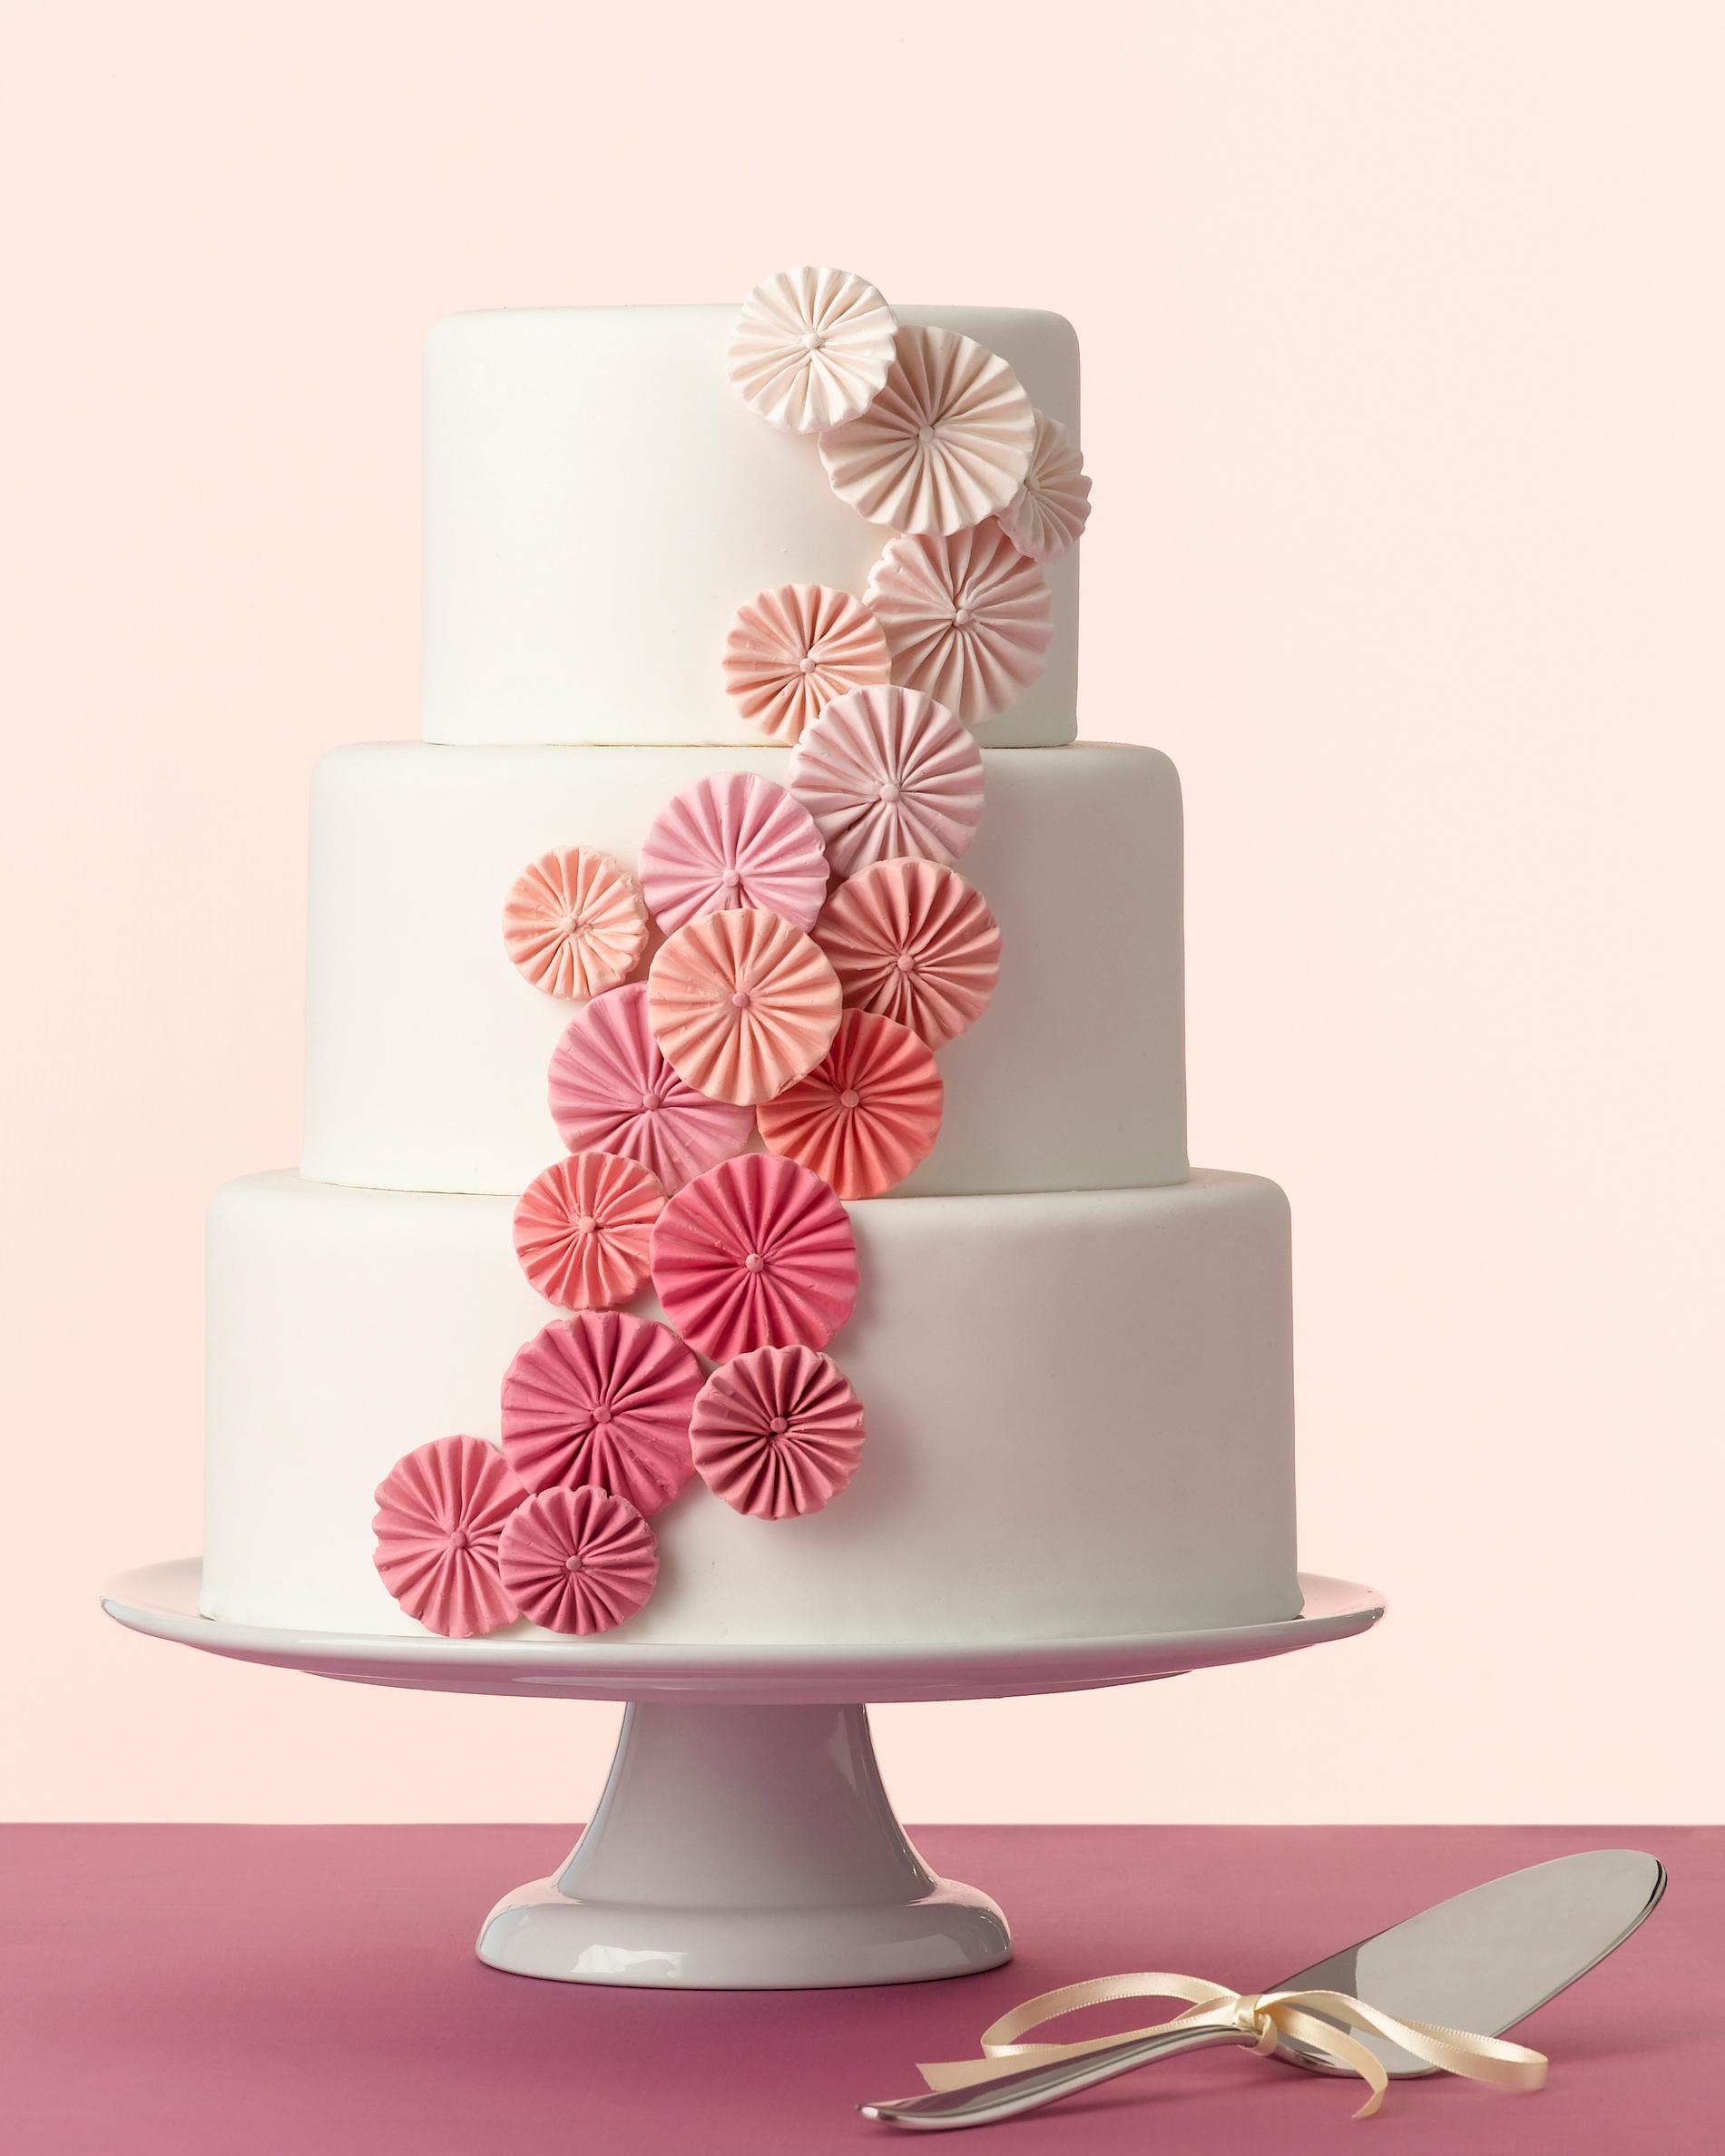 cake-pros-ericaobrien-0414.jpg